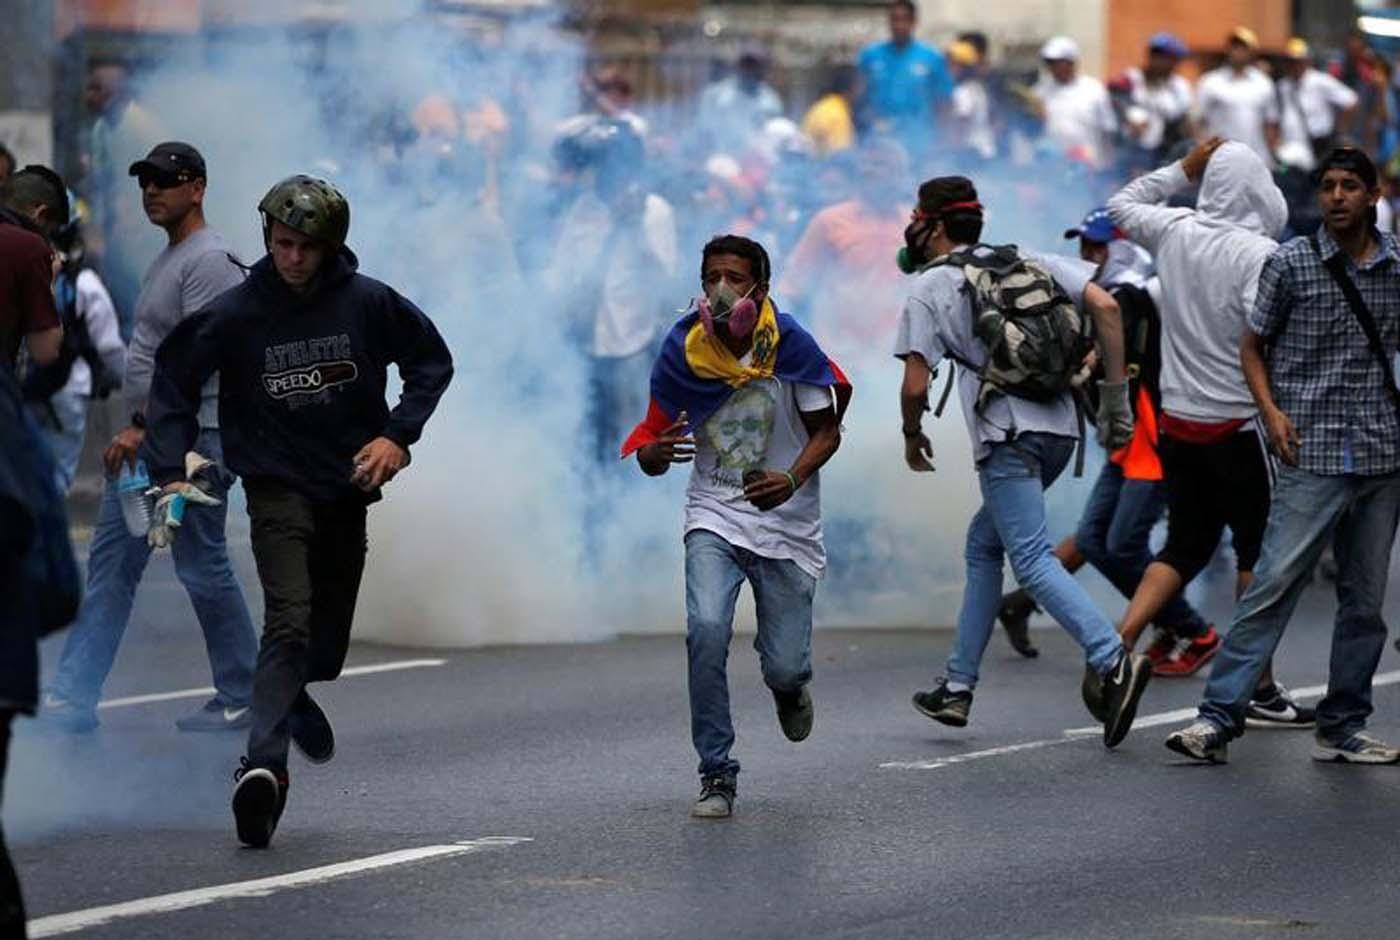 Manifestantes huyen de las fuerzas de seguridad que dispararon gases lacrimógeno durante una marcha de la oposición en Caracas. 6 de abril de 2017. Fuerzas de seguridad bloqueaban el jueves el paso de una marcha opositora en Caracas que reclamaba la destitución de jueces del máximo tribunal, que habían suspendido las funciones parlamentarias, una medida que generó protestas y exhortos internacionales a respetar la separación de poderes. REUTERS/Carlos Garcia Rawlins